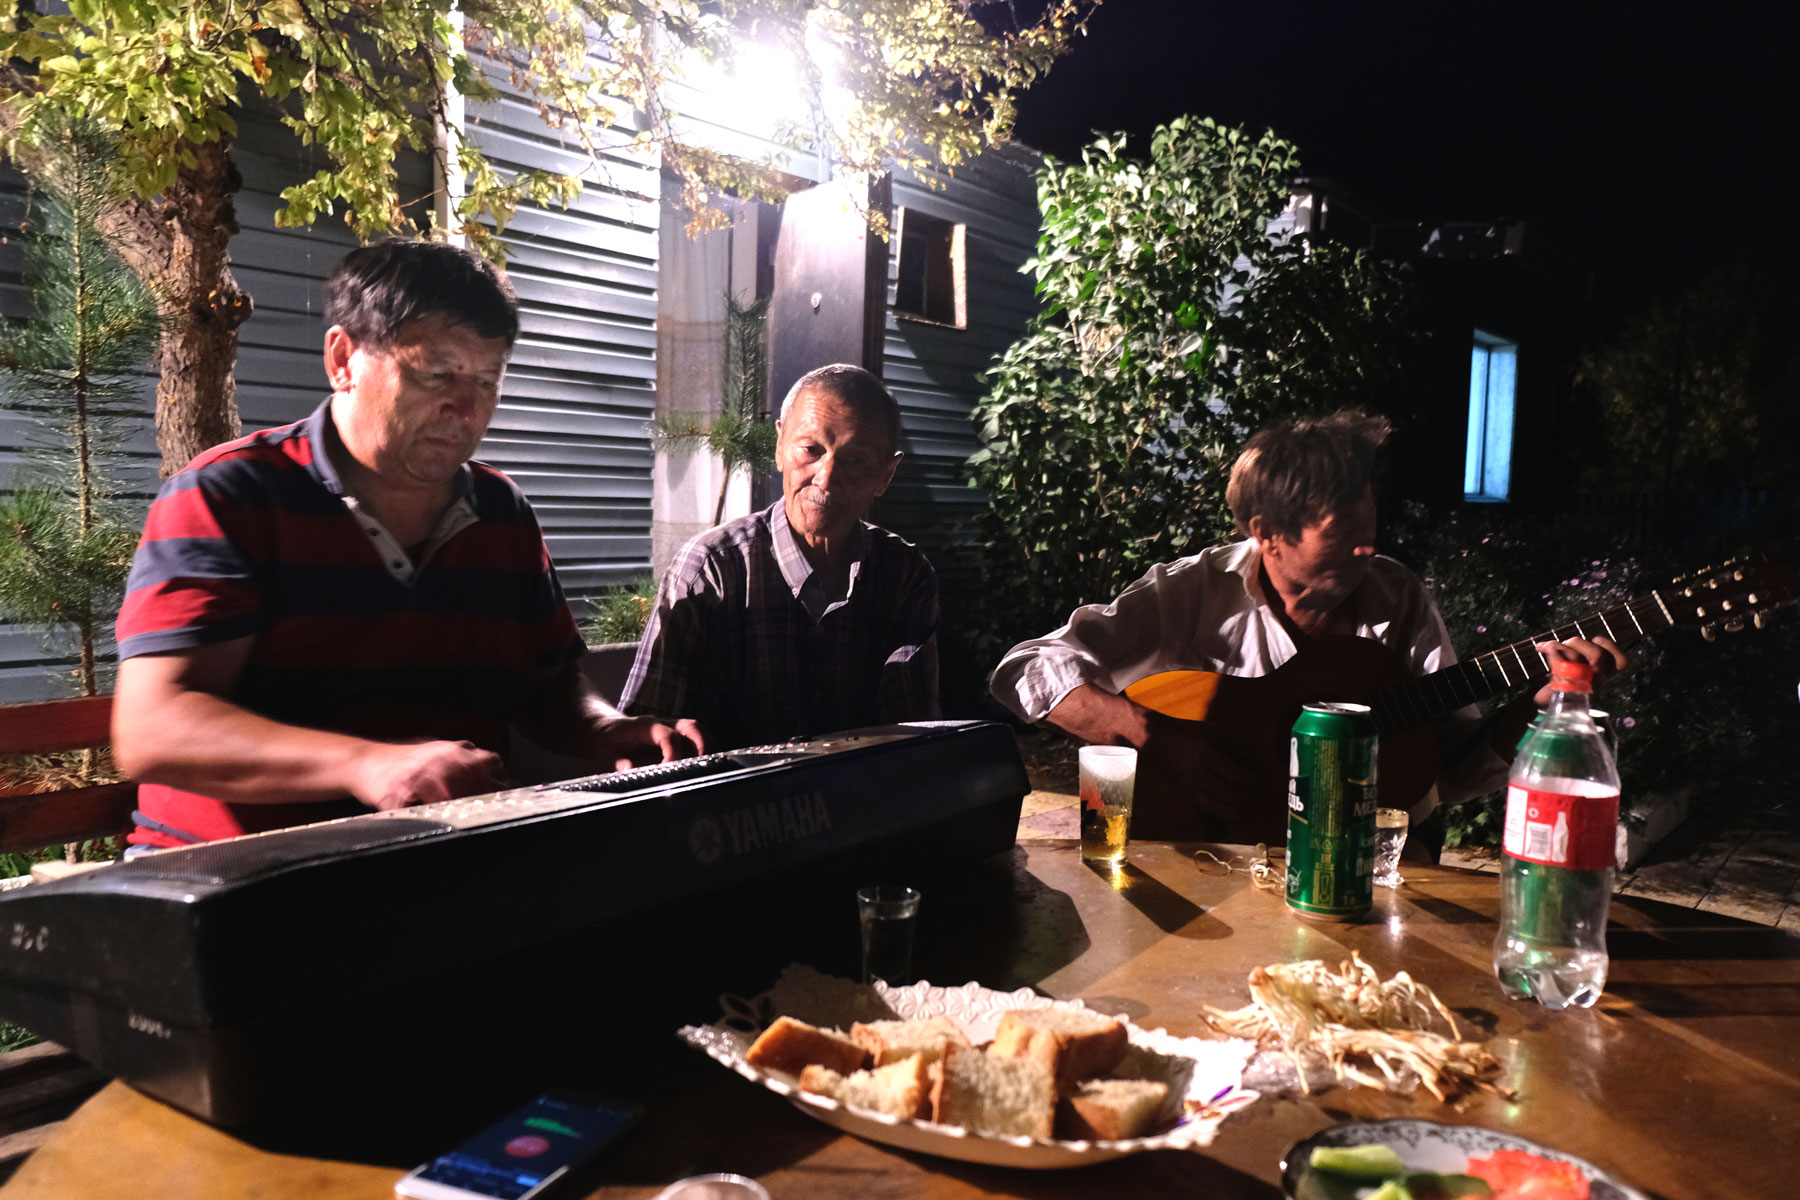 Ein Highlight in Korgalzhy ist der feucht-fröhliche Liederabend mit unseren Gastgebern